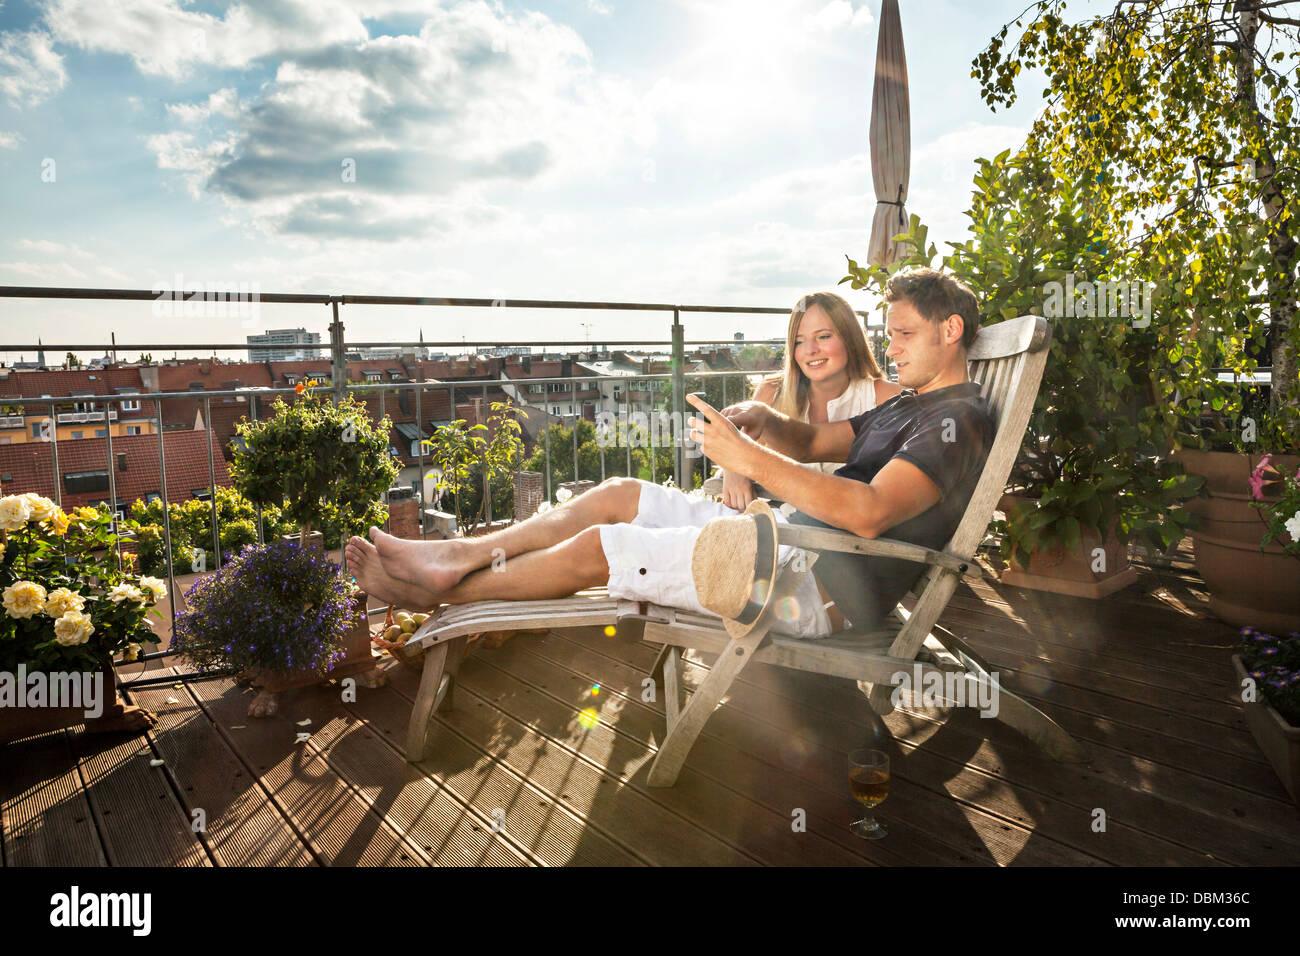 Matura sul balcone tramite telefono cellulare, Monaco di Baviera, Germania, Europa Immagini Stock